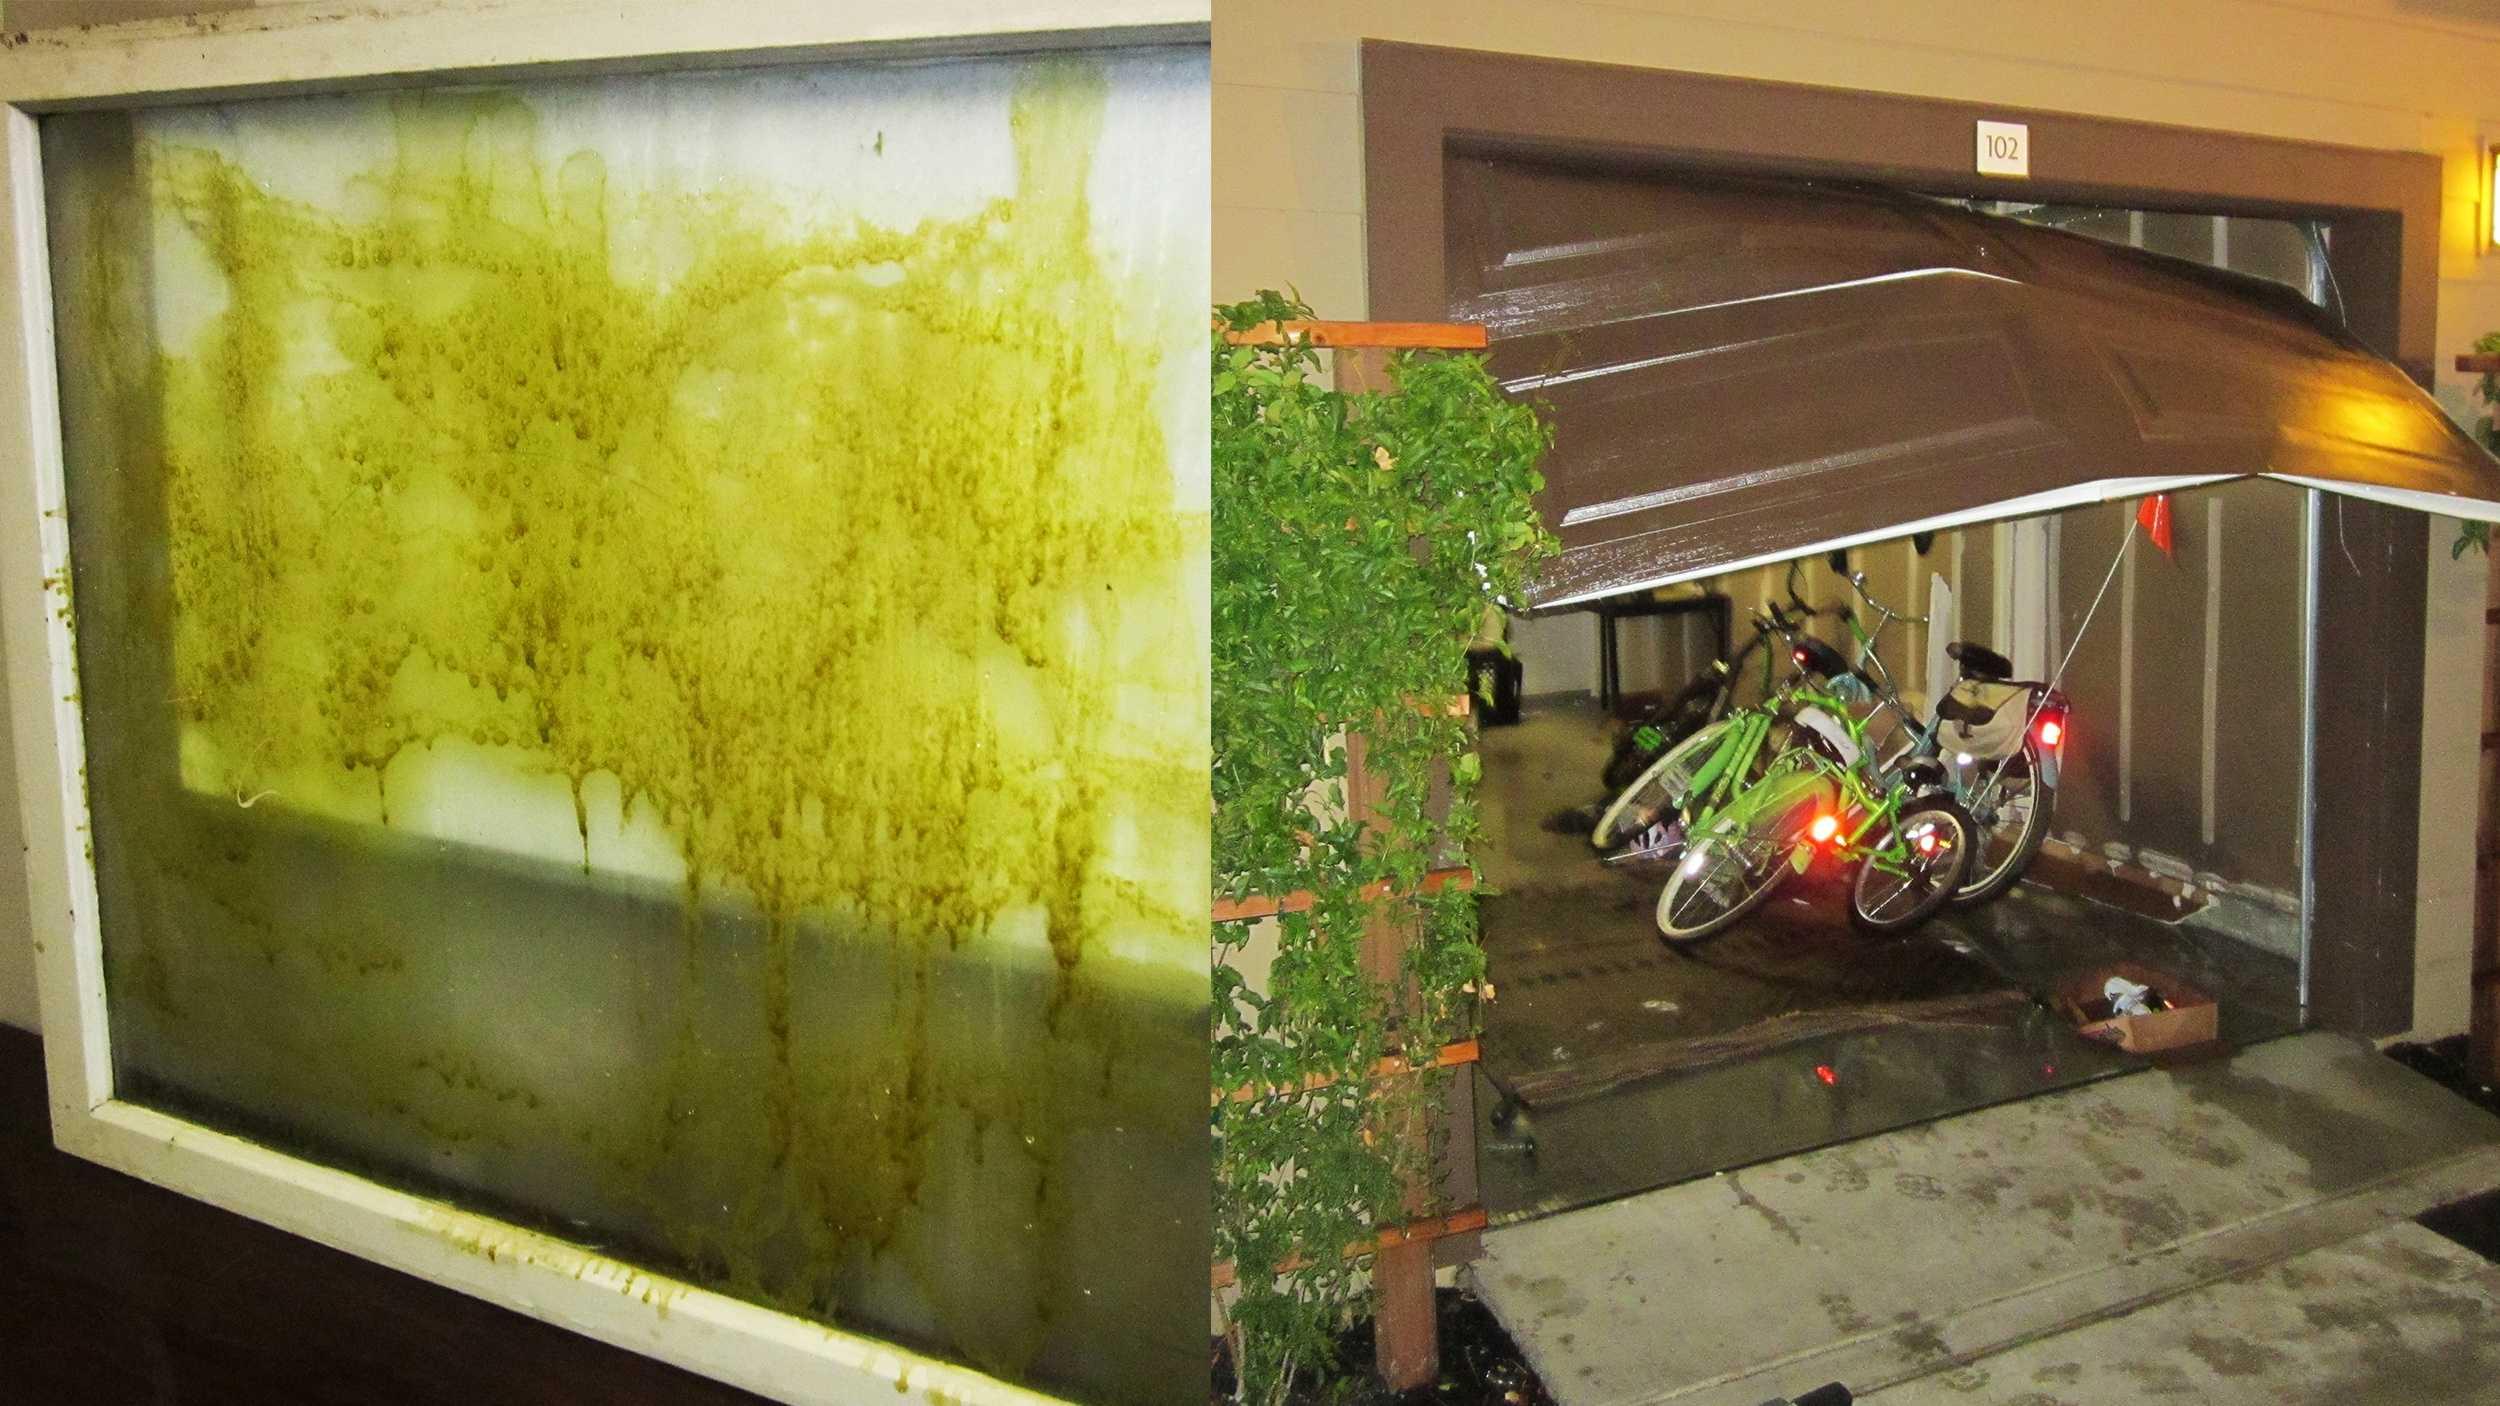 Santa Cruz hash oil lab (Dec. 16, 2015)